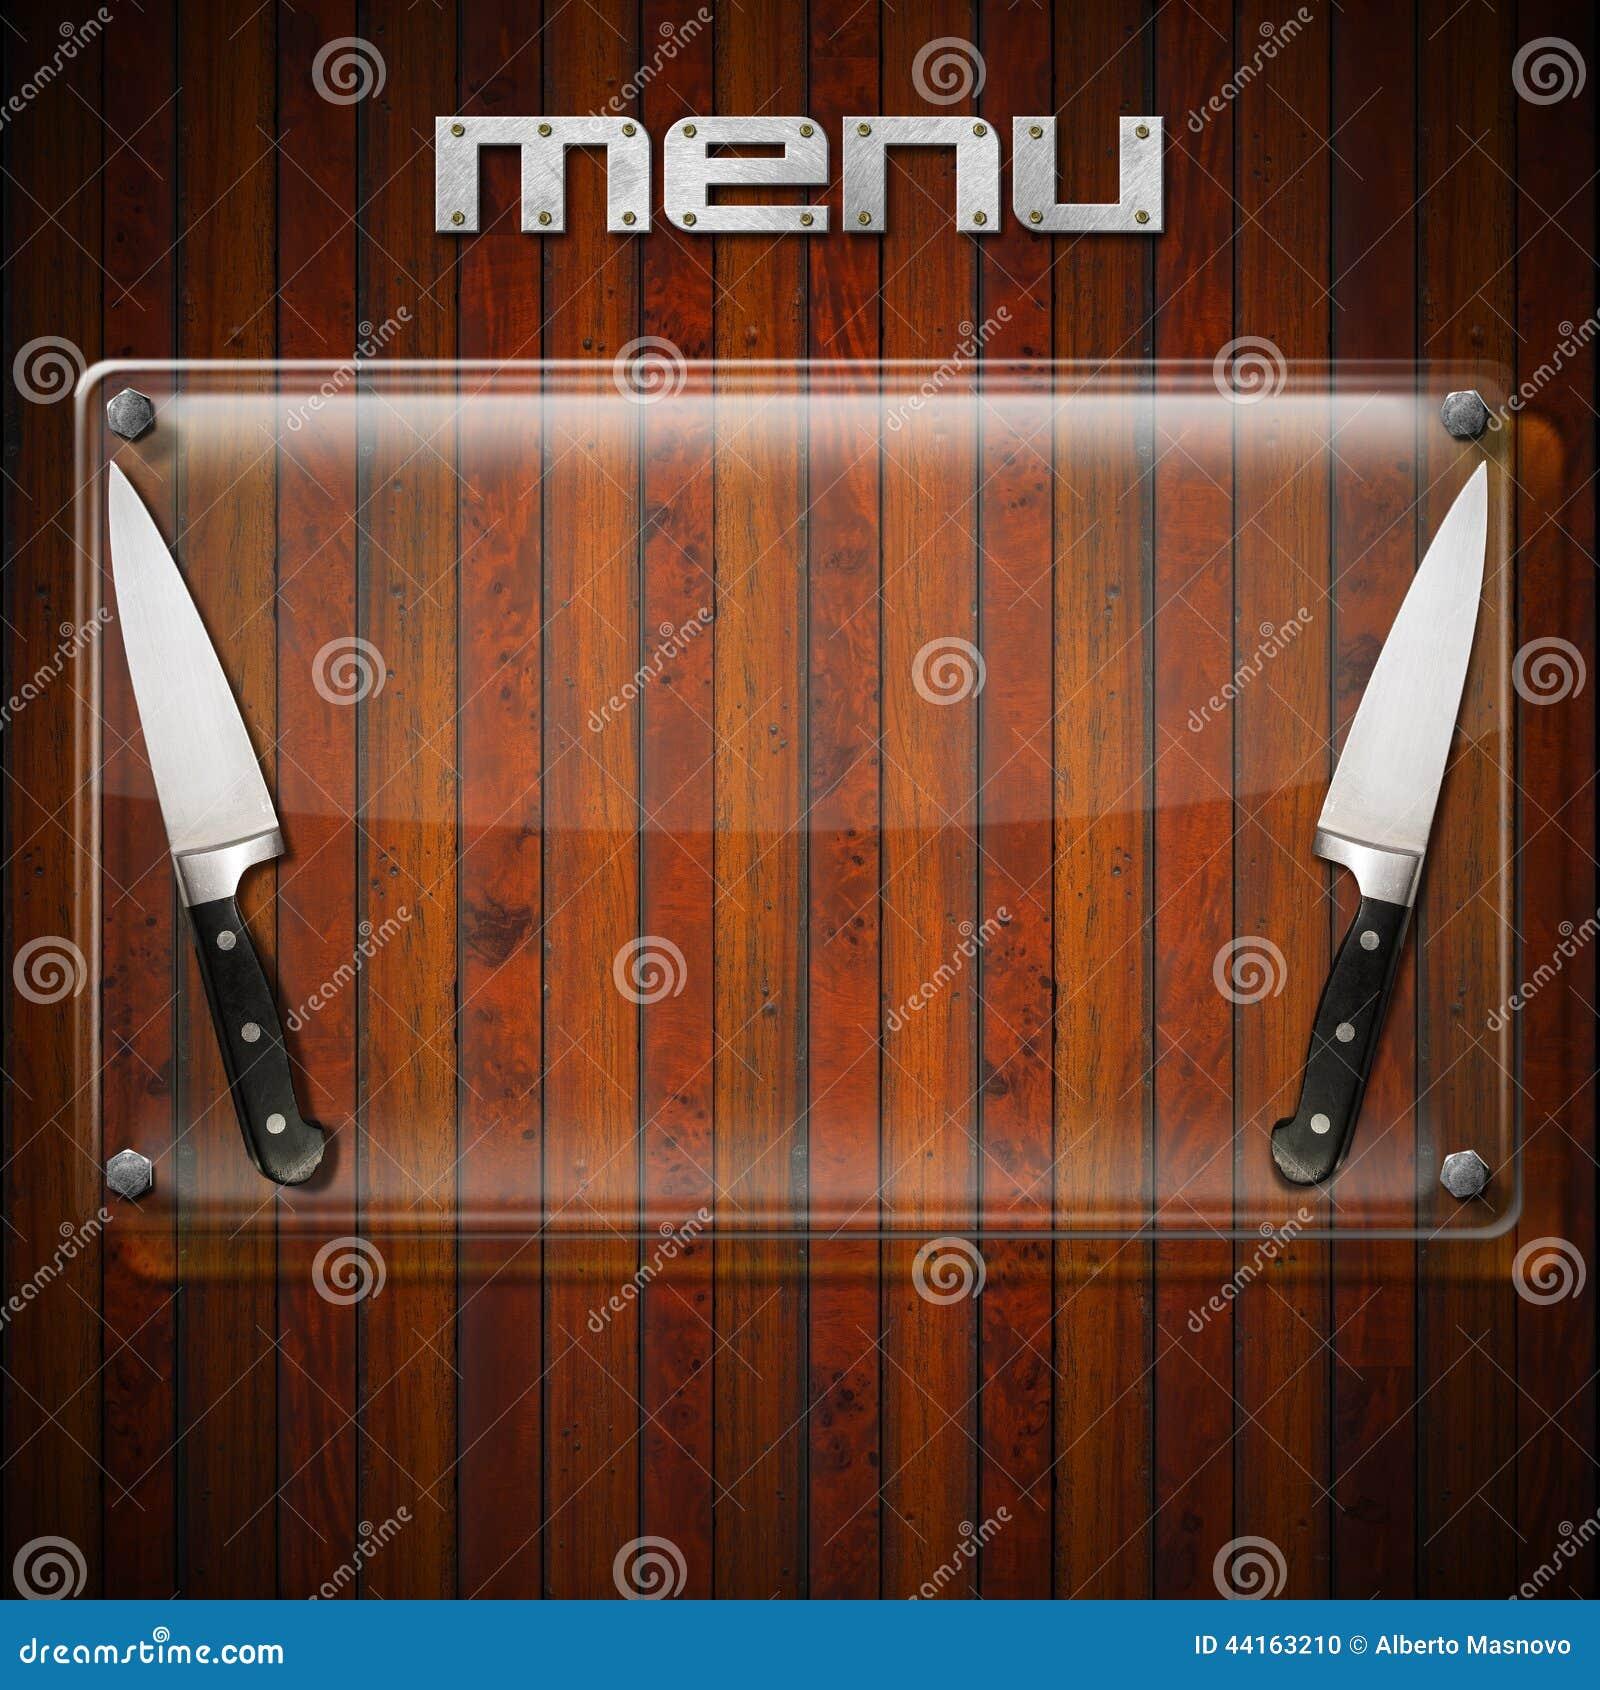 Marco Para Las Recetas De Un Espagueti Imagen de archivo - Imagen de ...